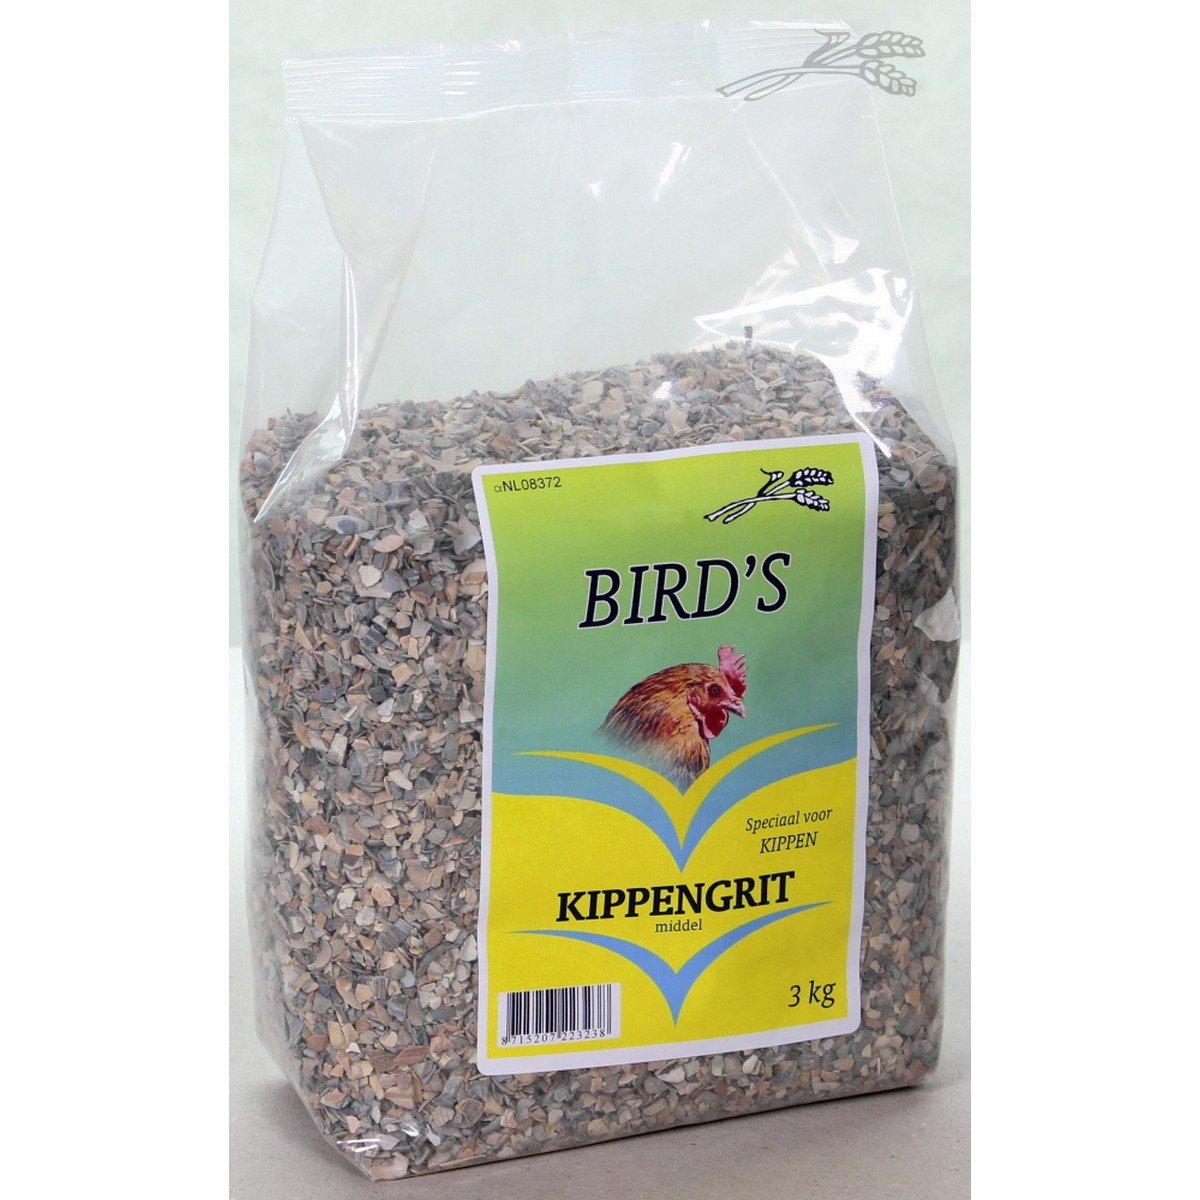 Afbeelding van Birds Kippengrit Middel 3kg